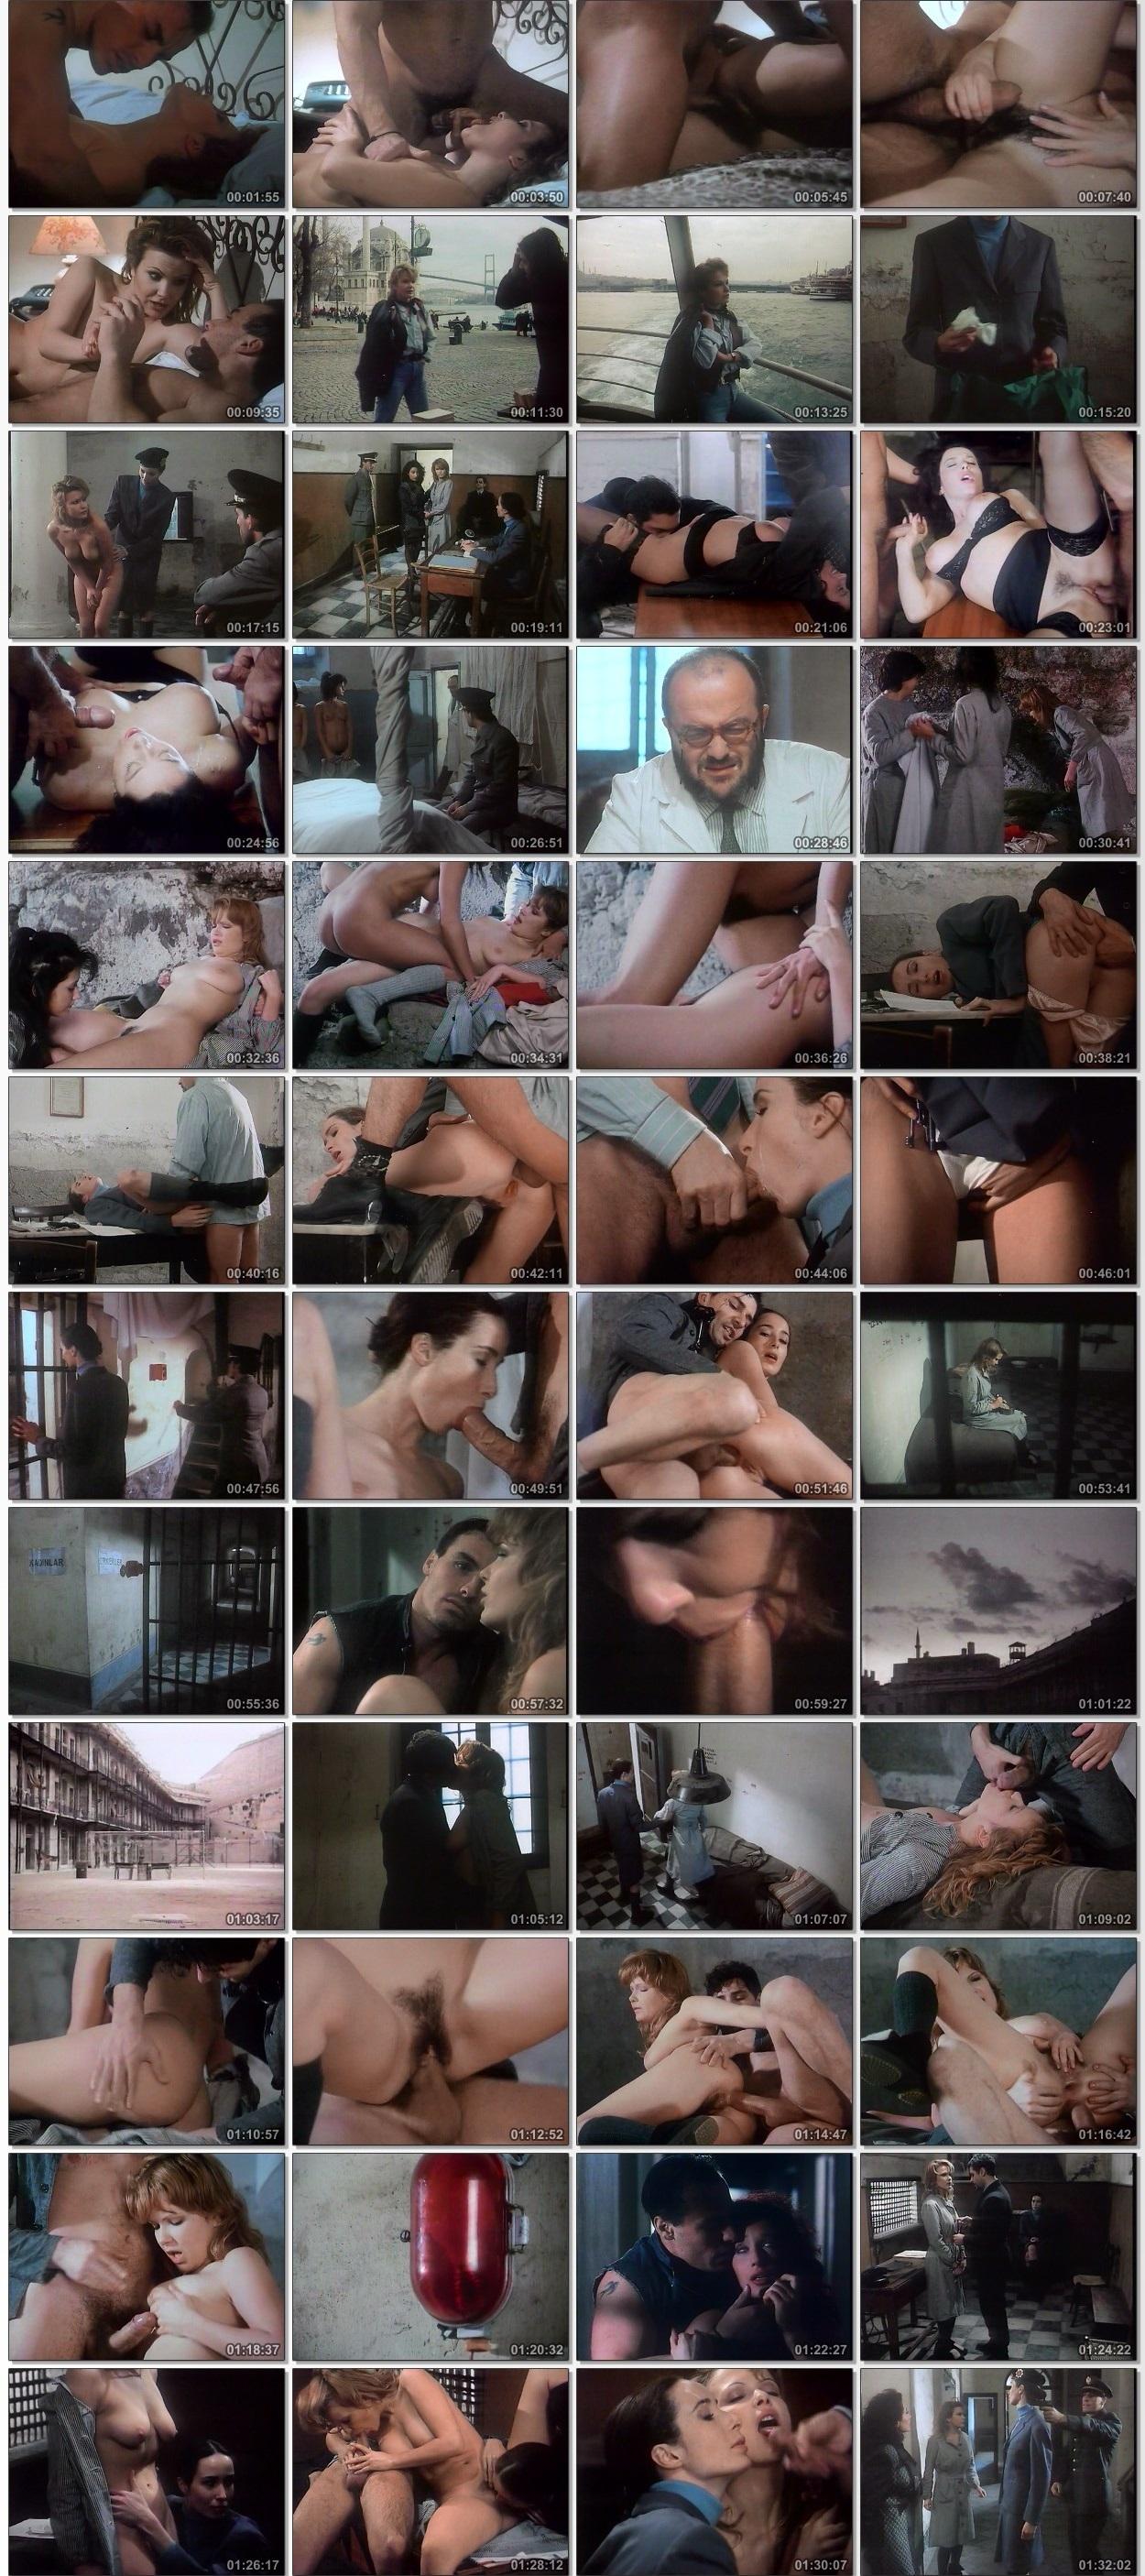 Секс в женской тюрьме смотреть бесплатно 21 фотография